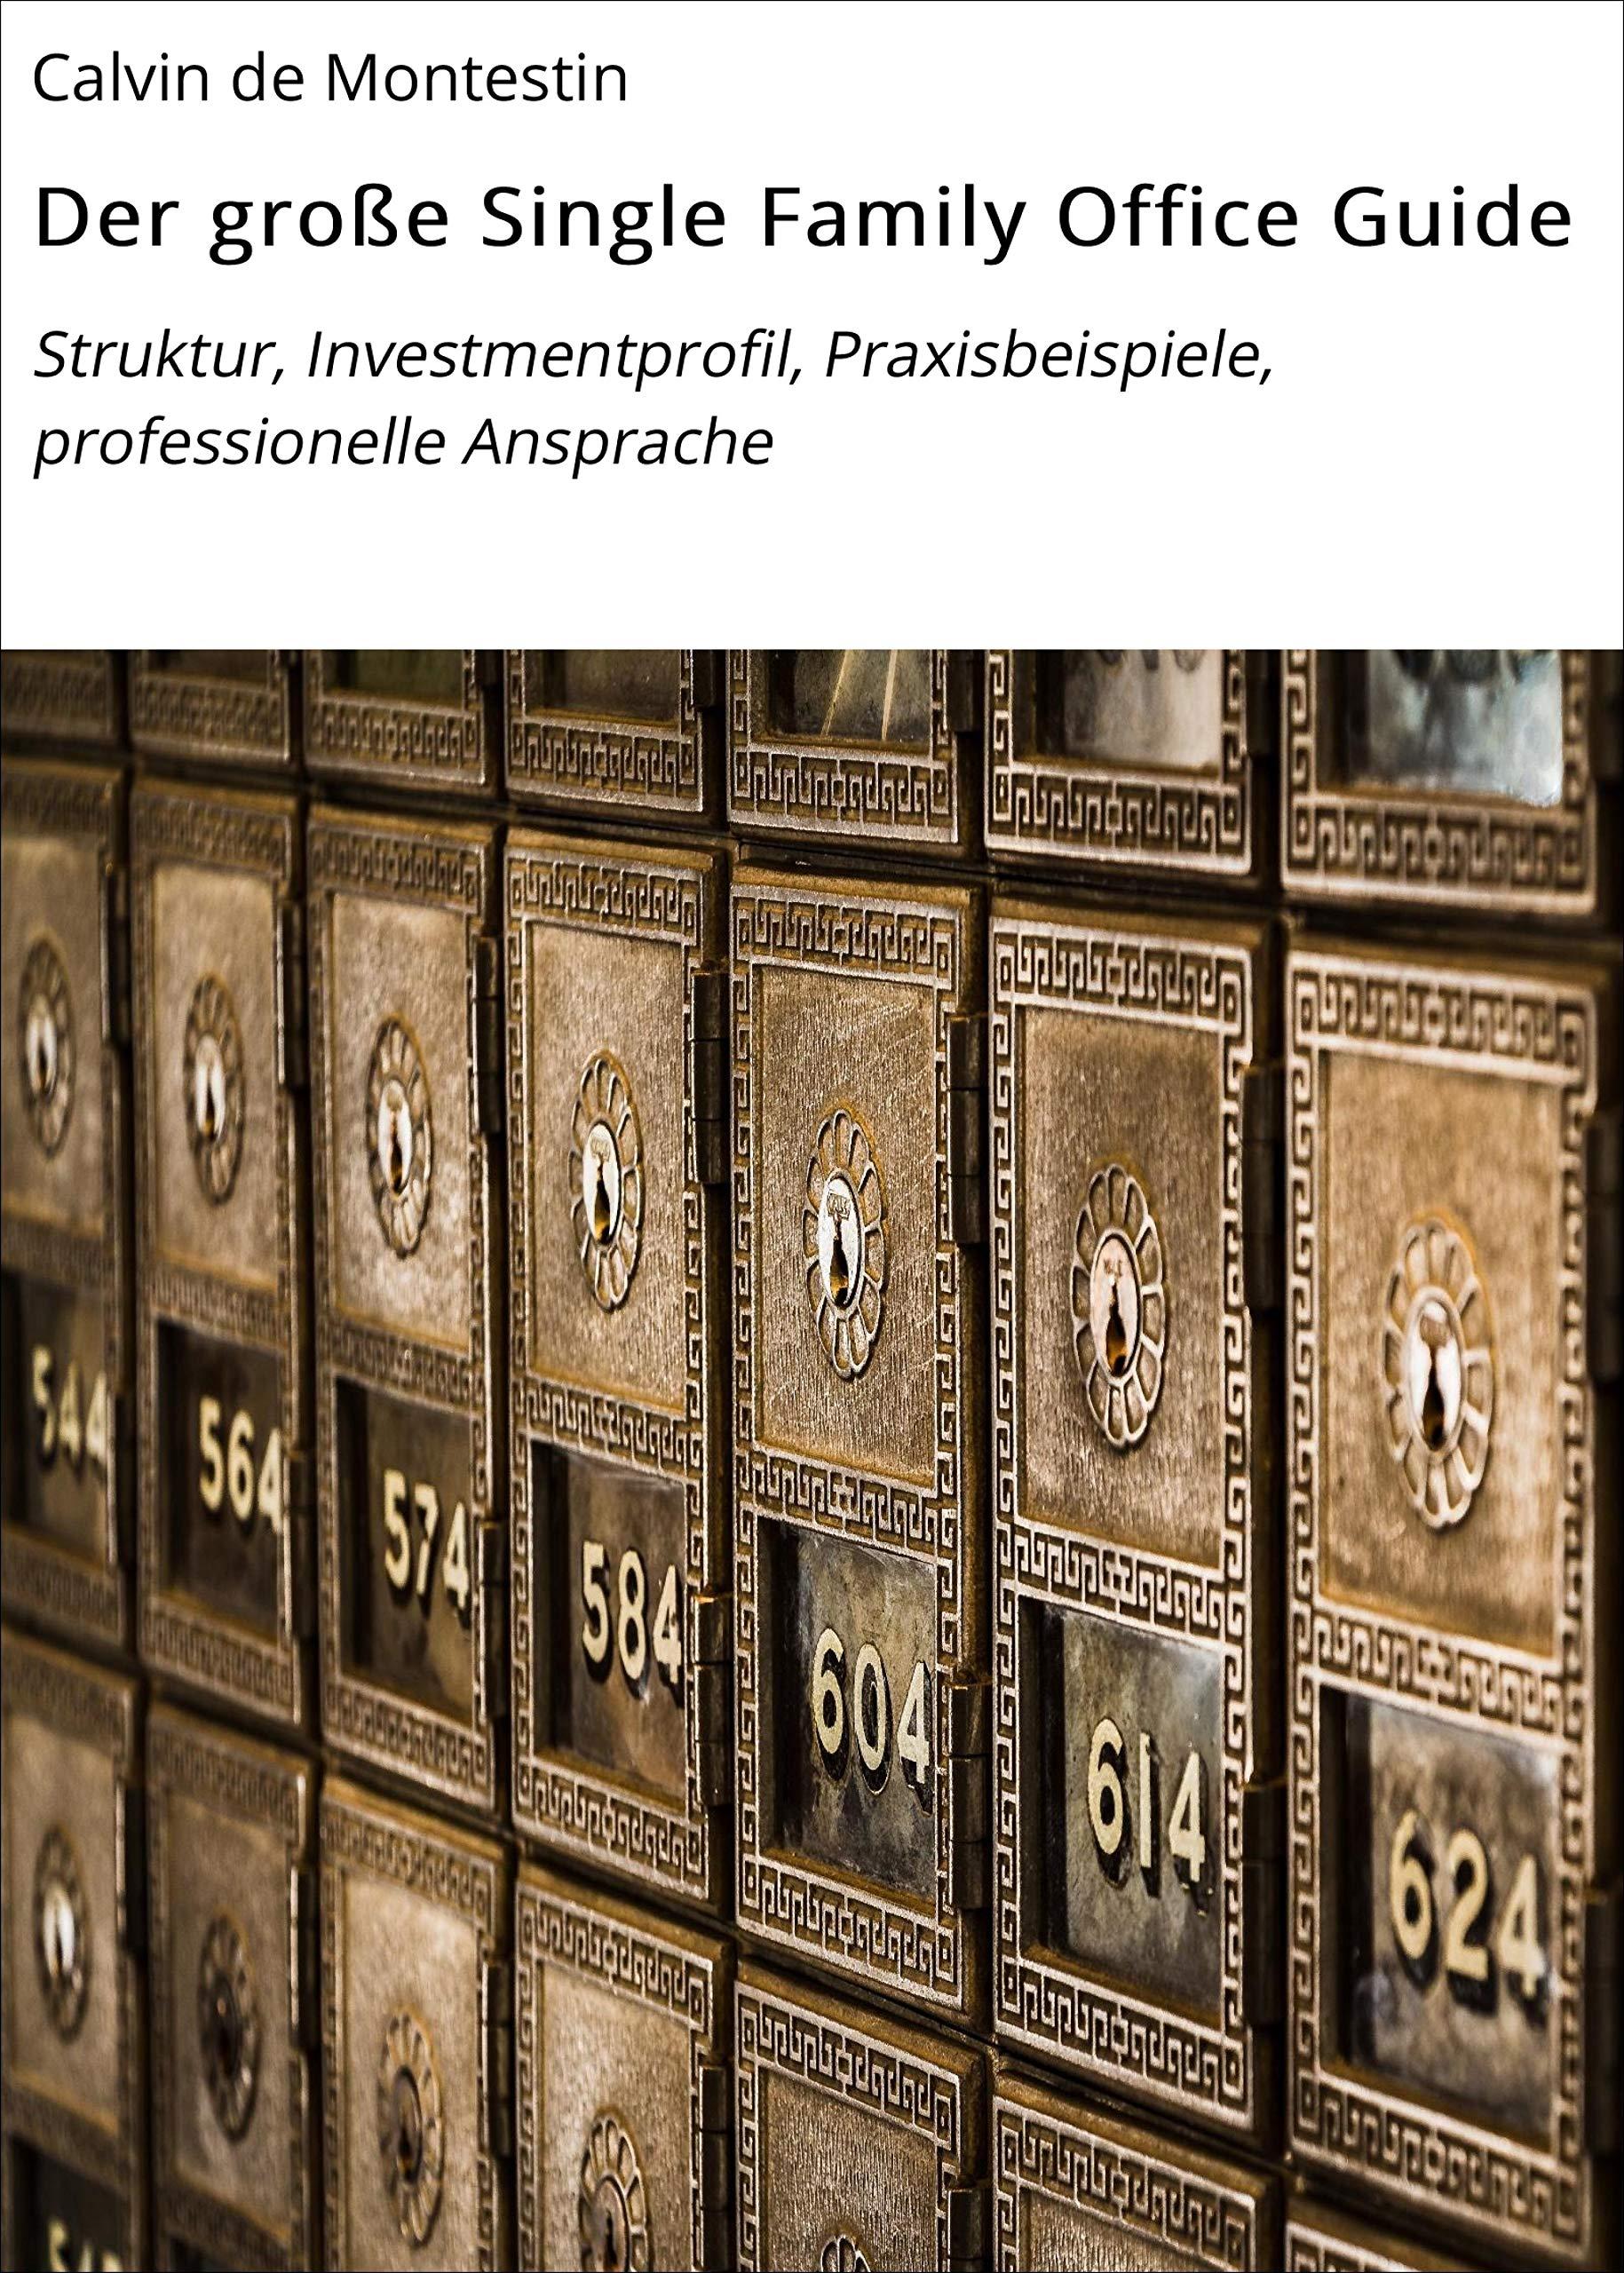 Der große Single Family Office Guide: Struktur, Investmentprofil, Praxisbeispiele, professionelle Ansprache (German Edition)